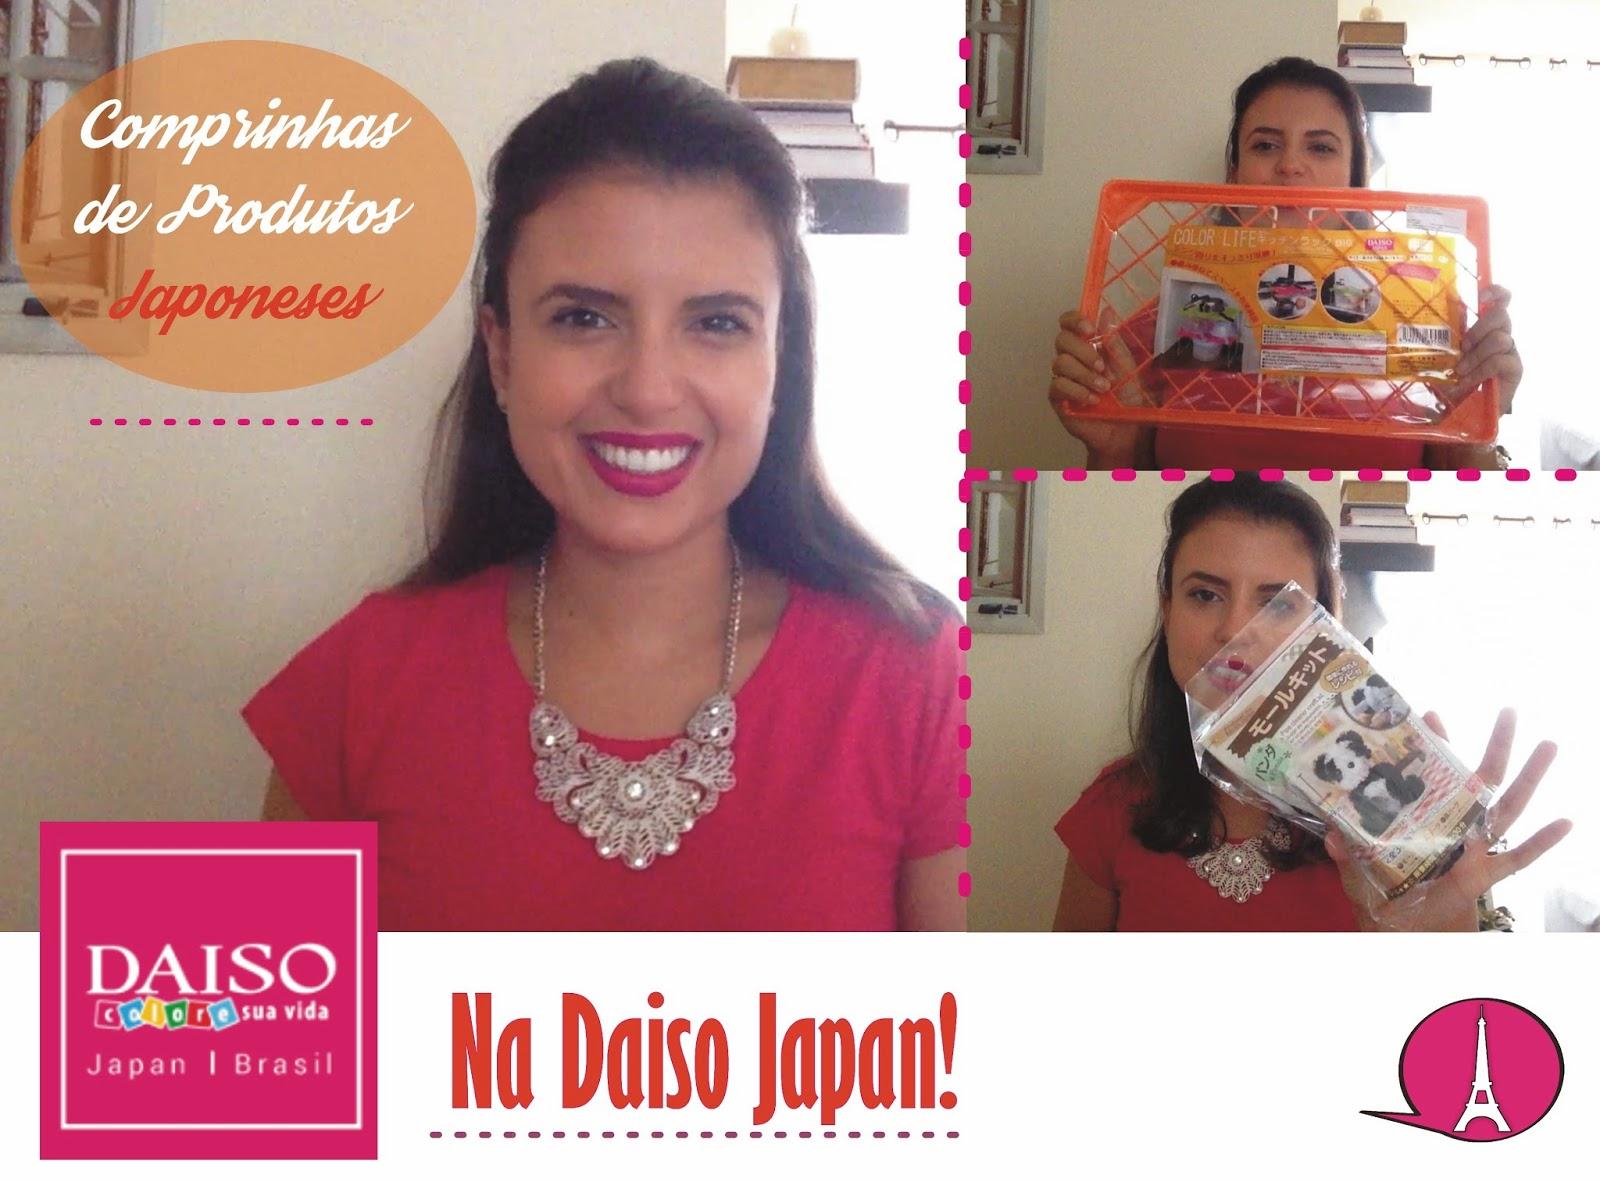 Compras Daiso Japan